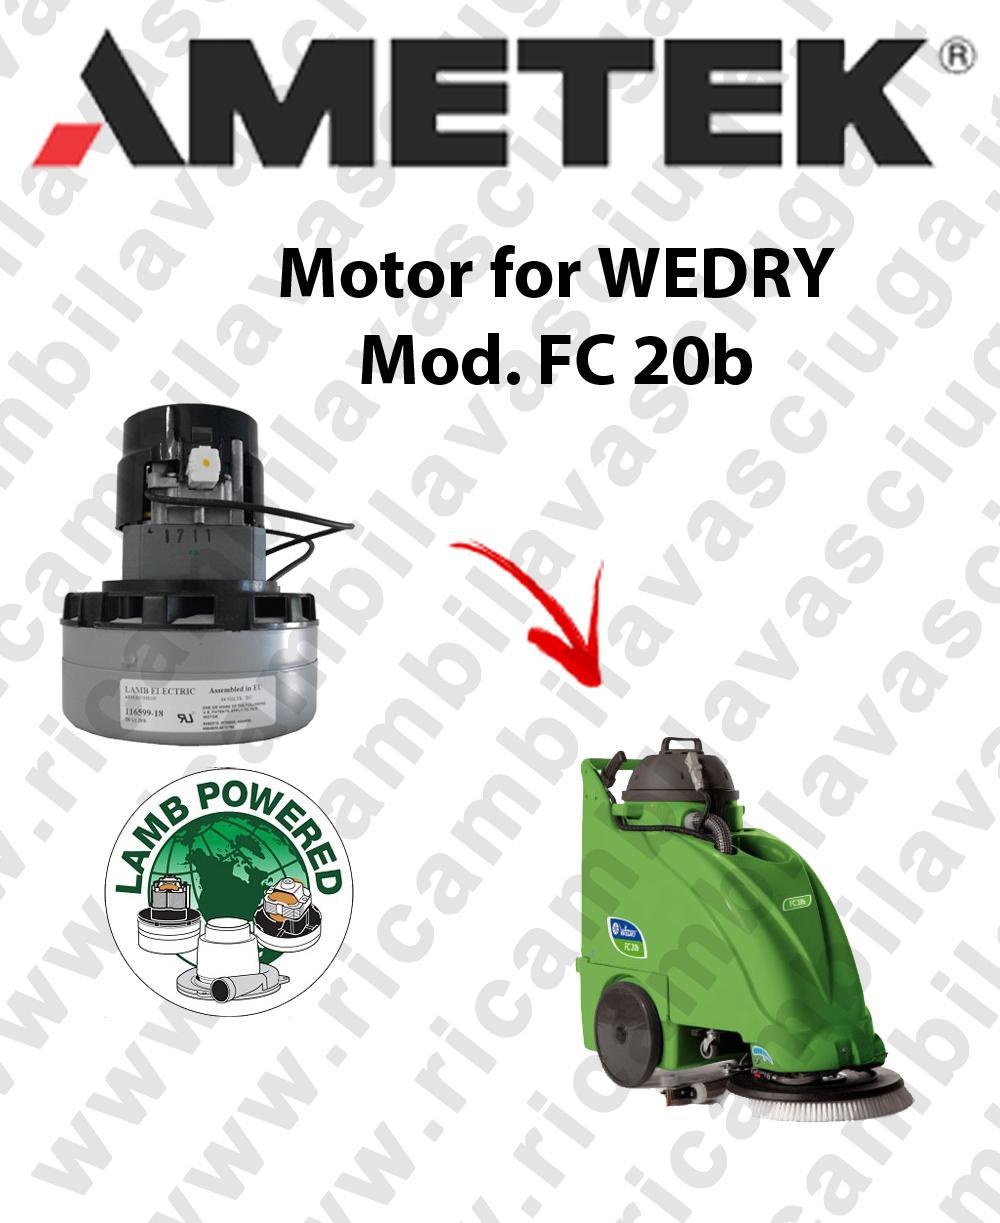 FC 20b Saugmotor LAMB AMETEK für Scheuersaugmaschinen WEDRY